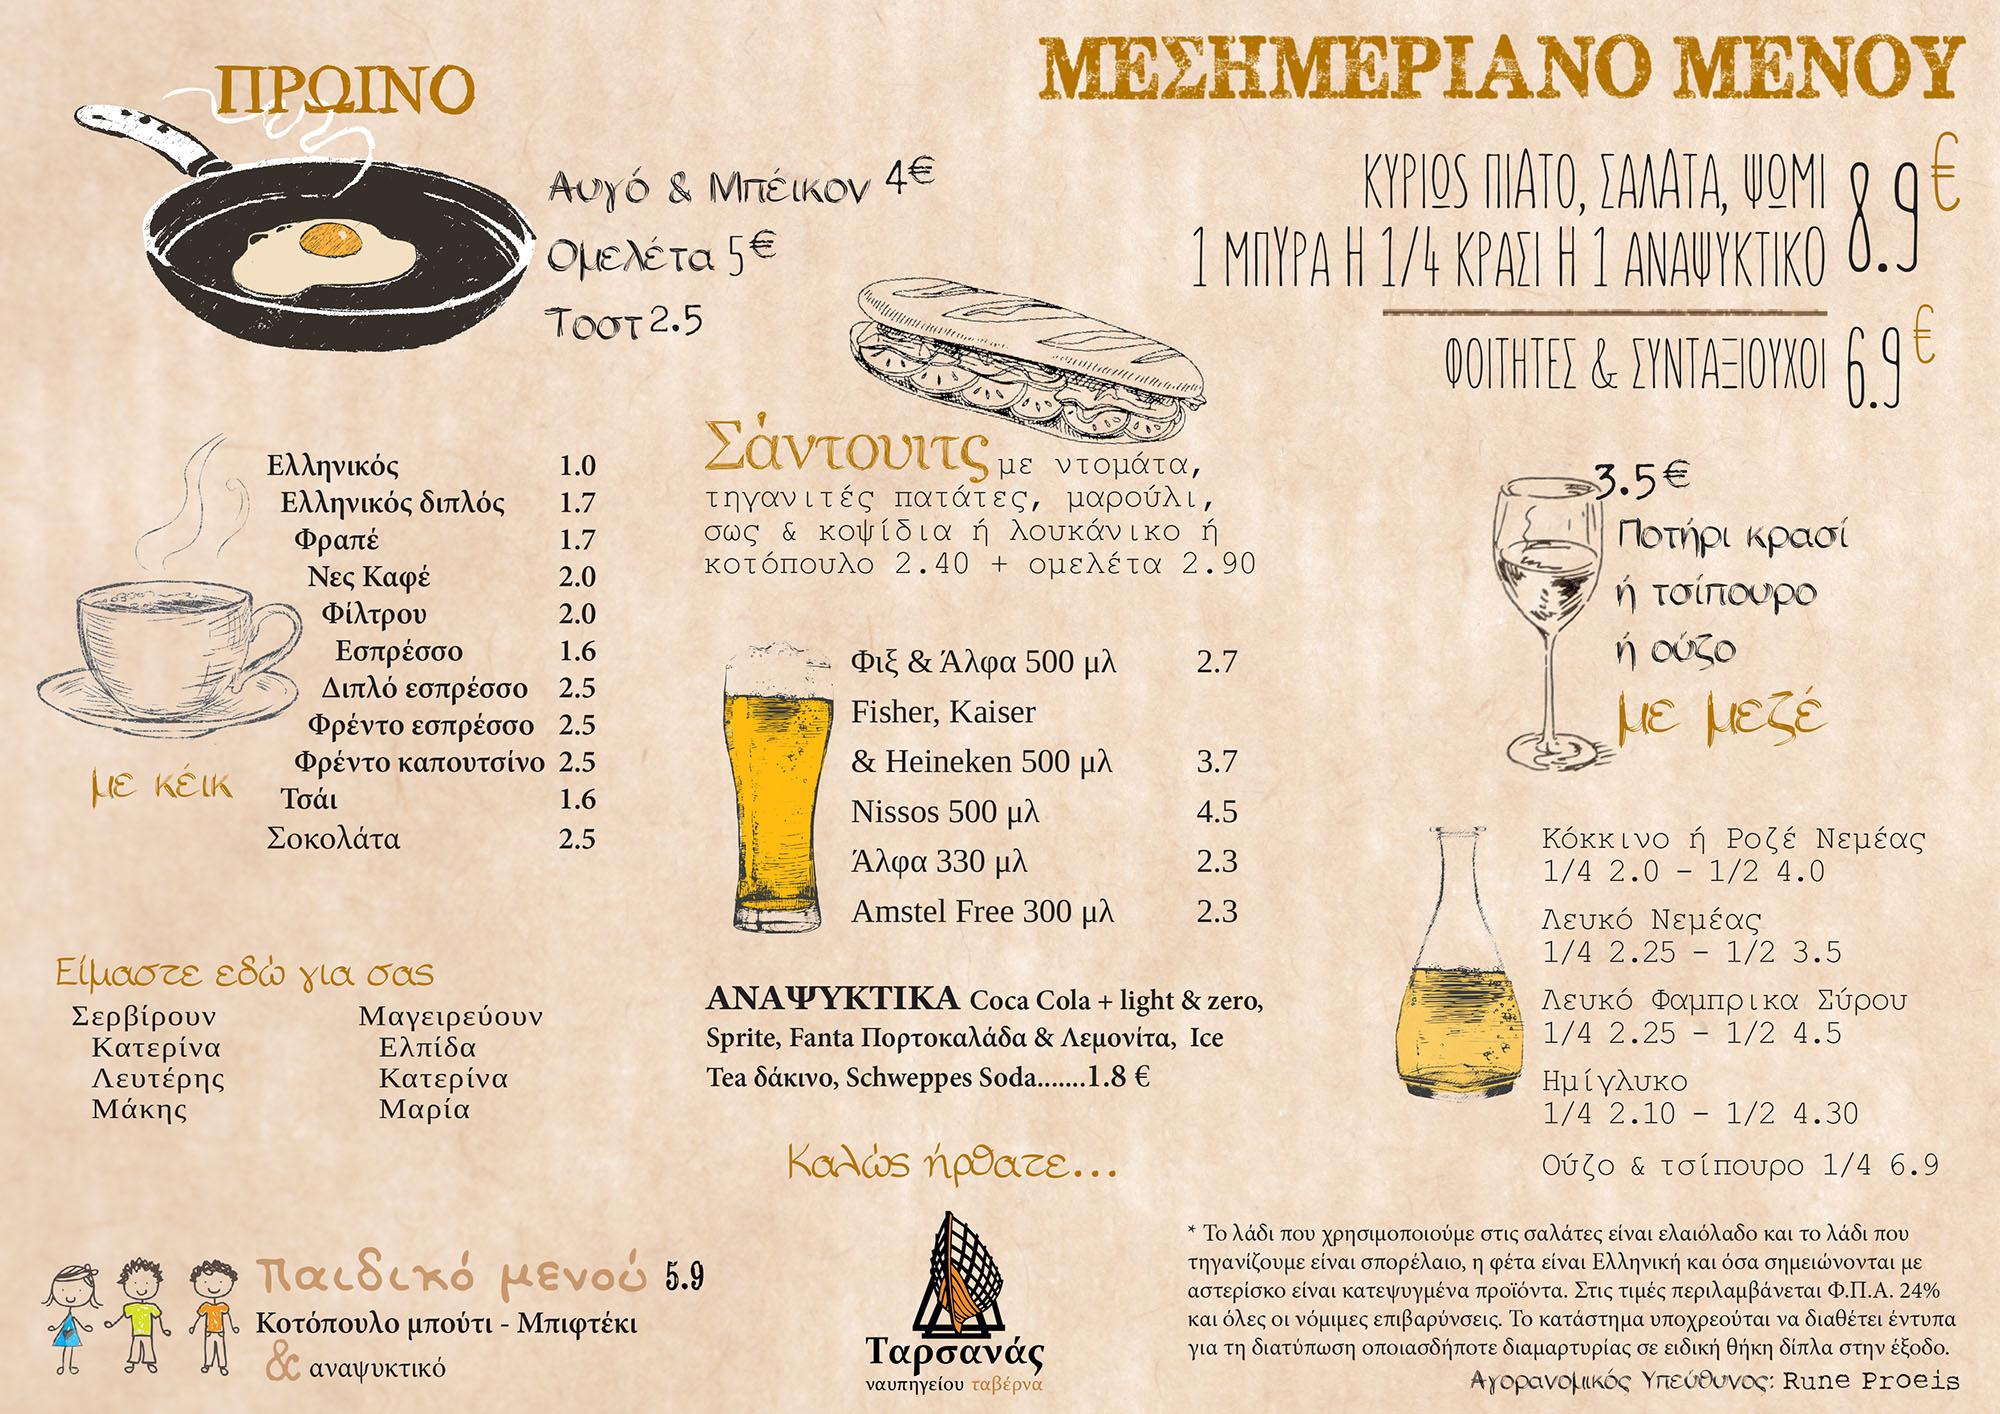 Lunch och Frukost Meny Tarsanas Taverna